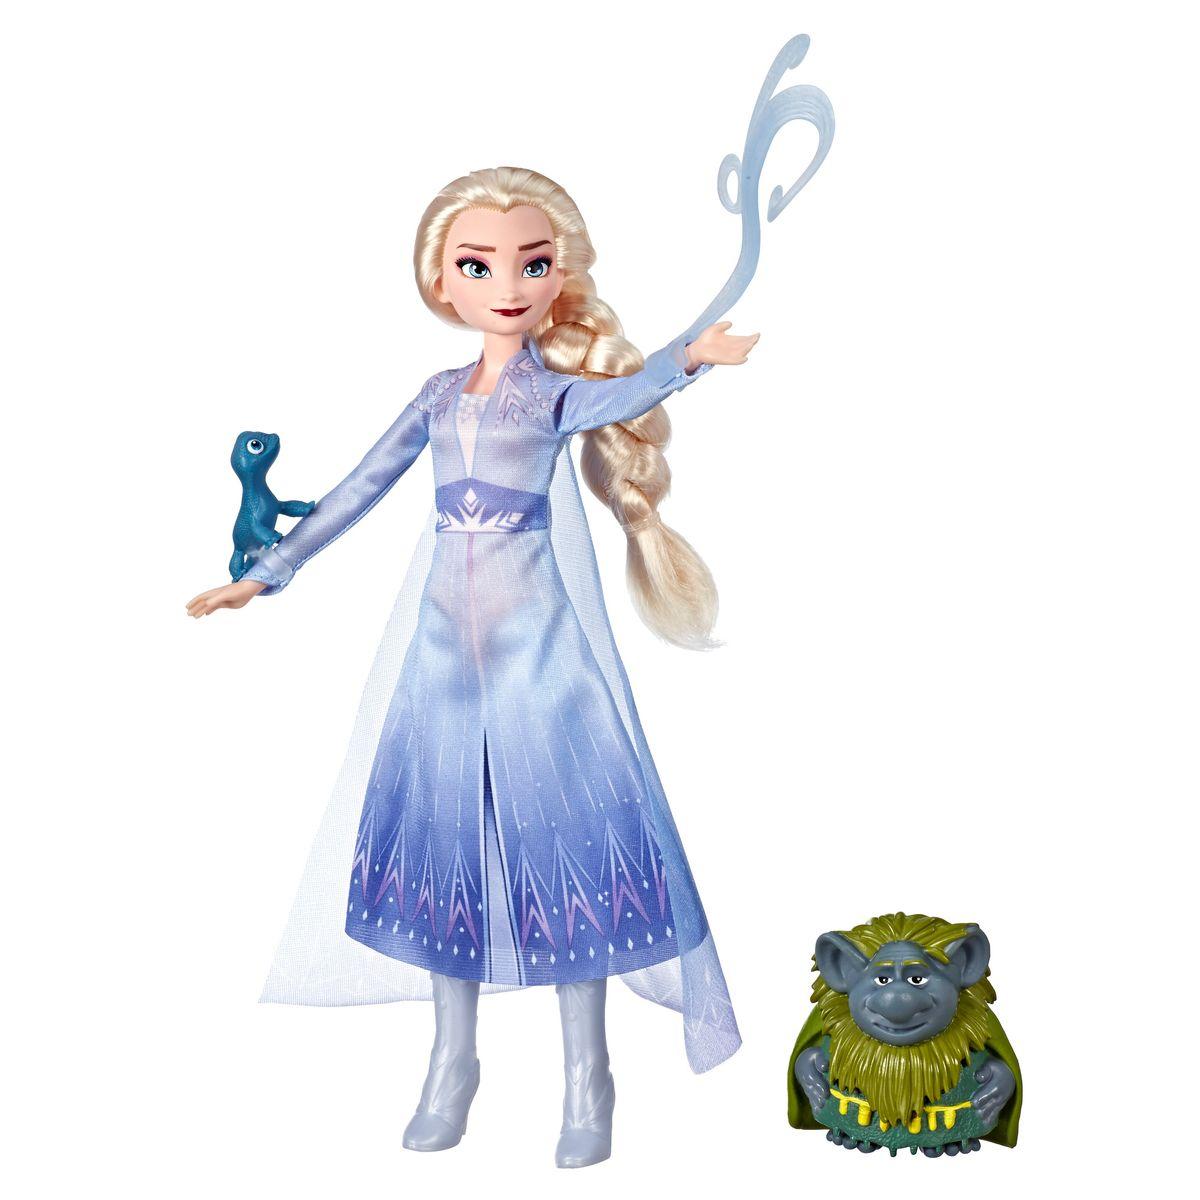 [送料無料] Disney アナと雪の女王 エルサ 人形 パビー サラマンダー Frozen 2 Elsa [海外直送]